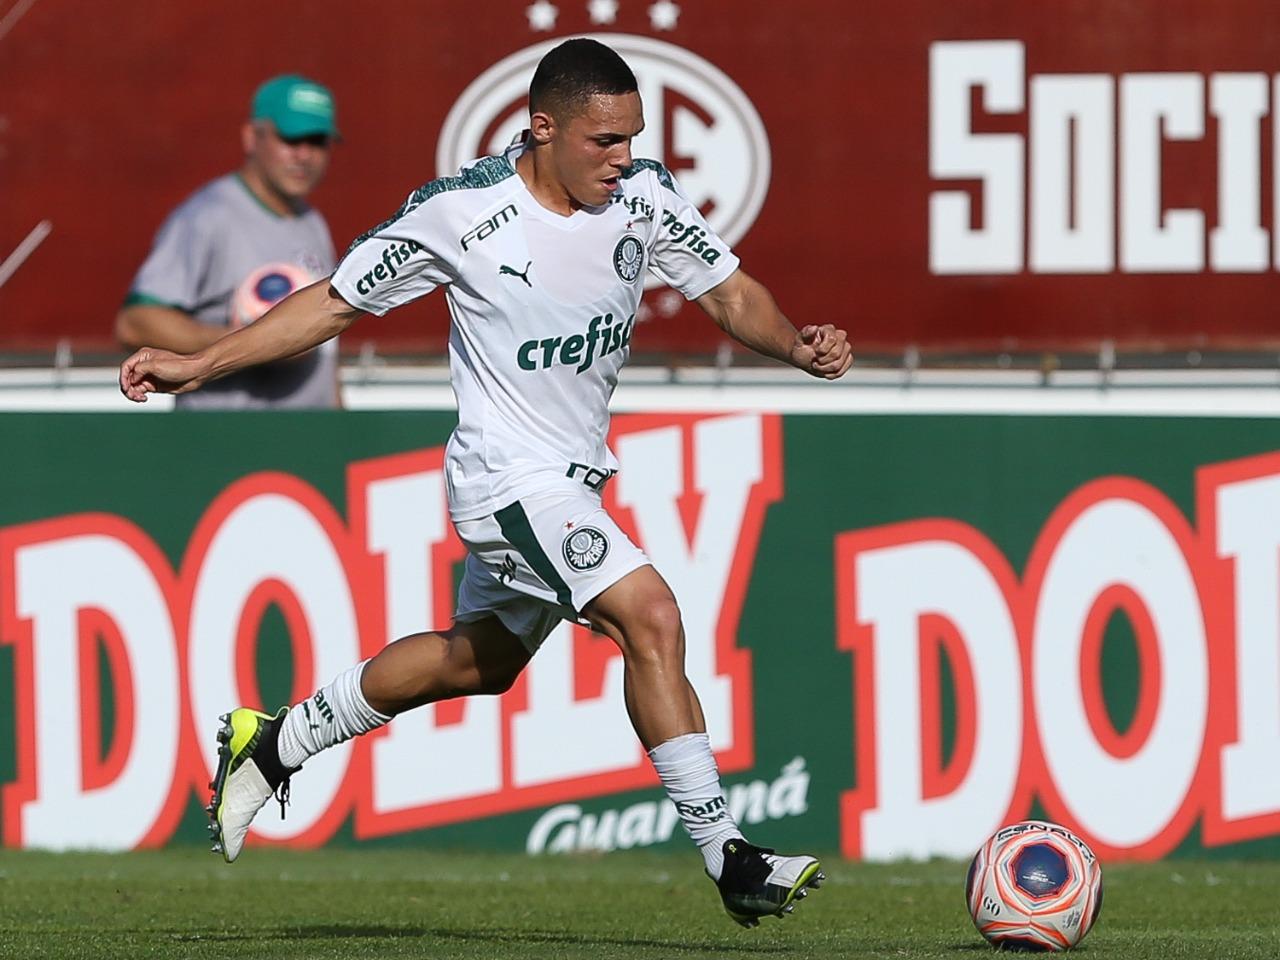 Fabio Menotti/Ag. Palmeiras/Divulgação_Apesar das chances criadas, o Palmeiras não conseguiu marcar contra o Goiás